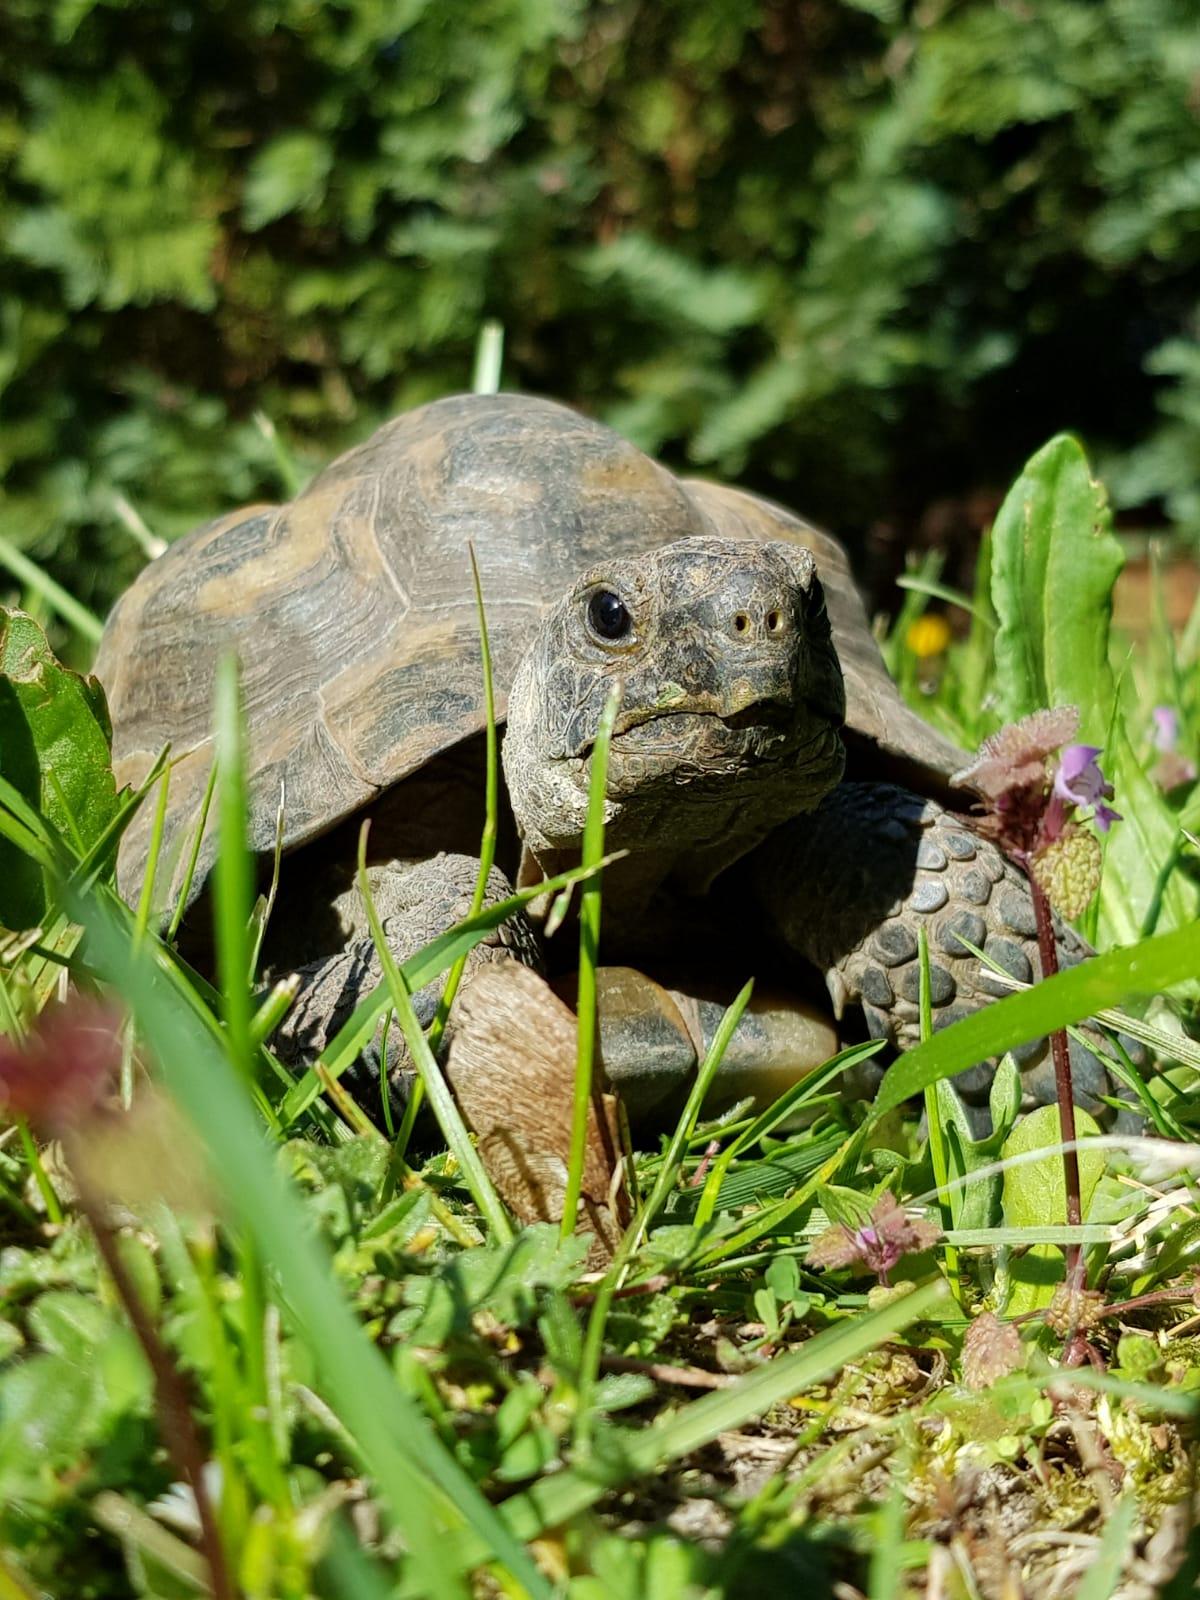 Maurische Landschildkröte im Freigehege